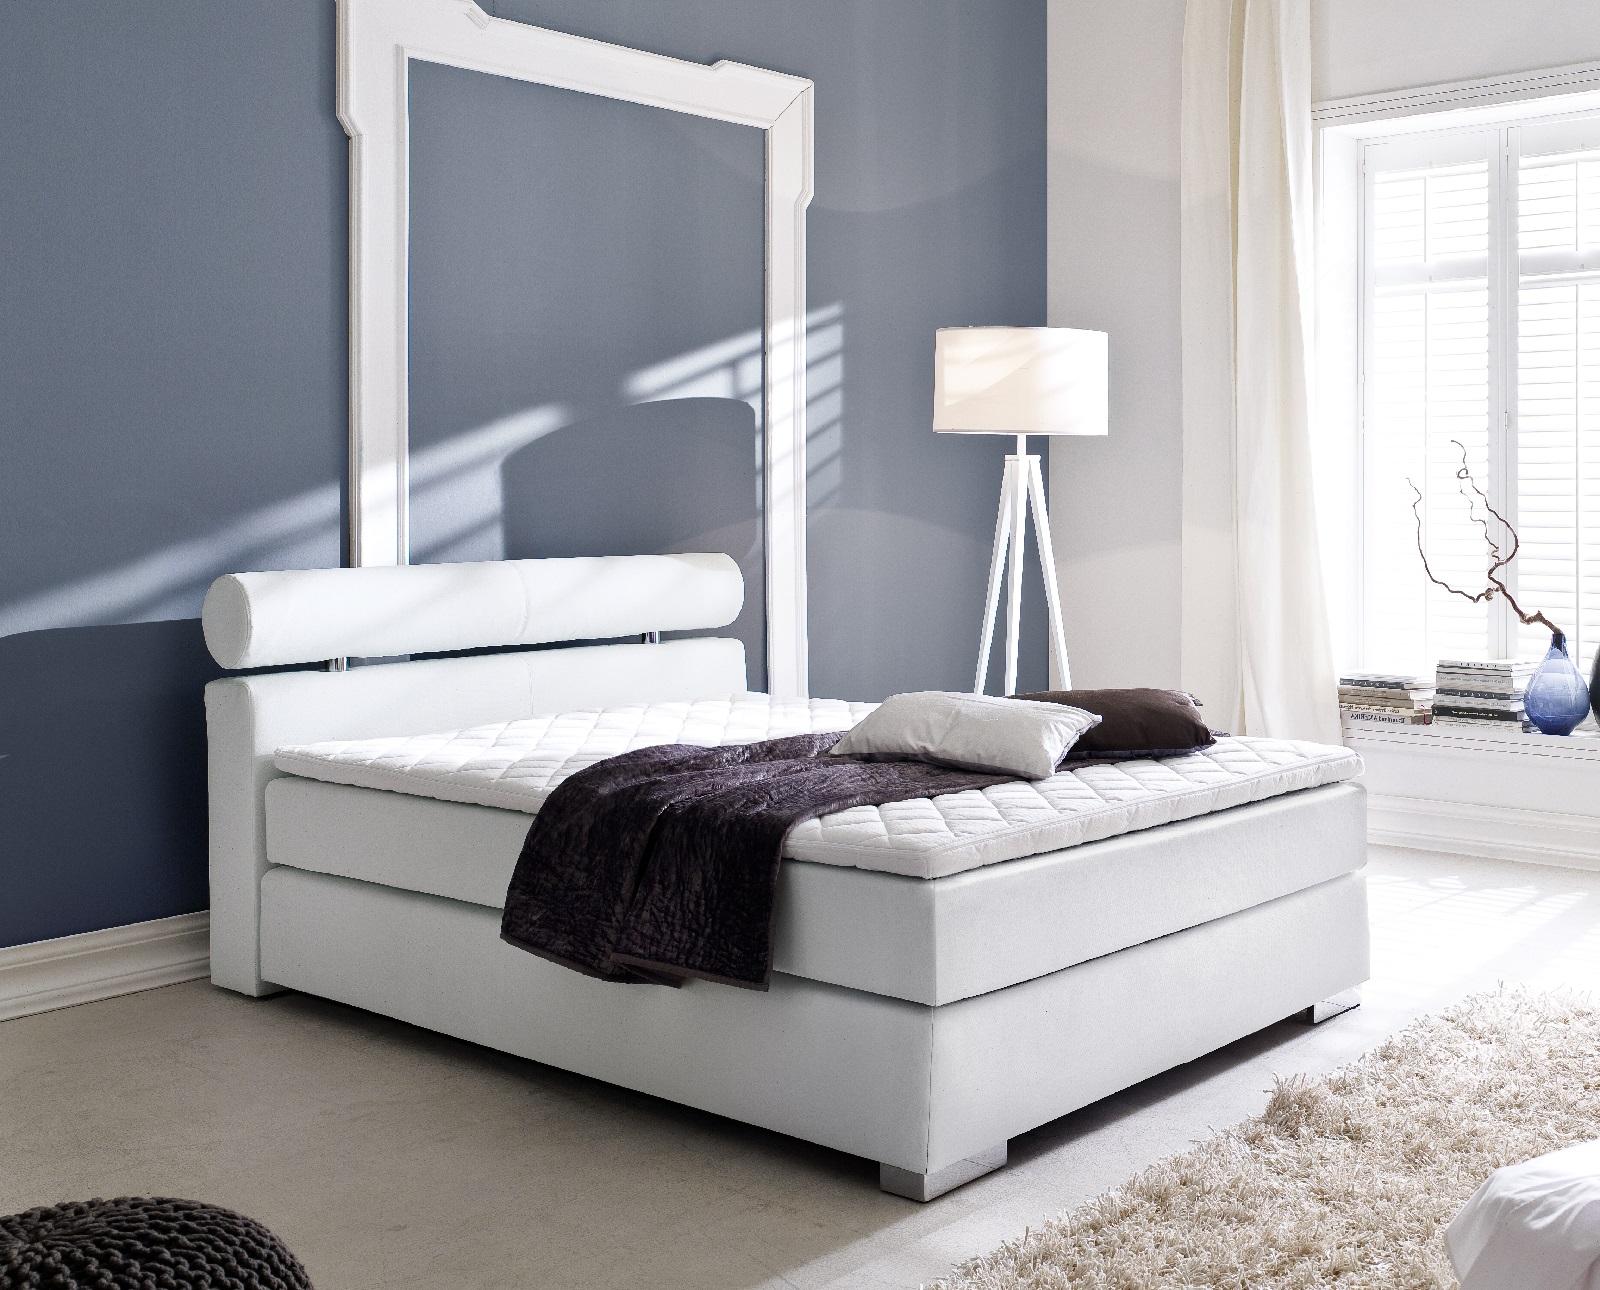 boxspringbett onella wei 120cm x 200cm. Black Bedroom Furniture Sets. Home Design Ideas